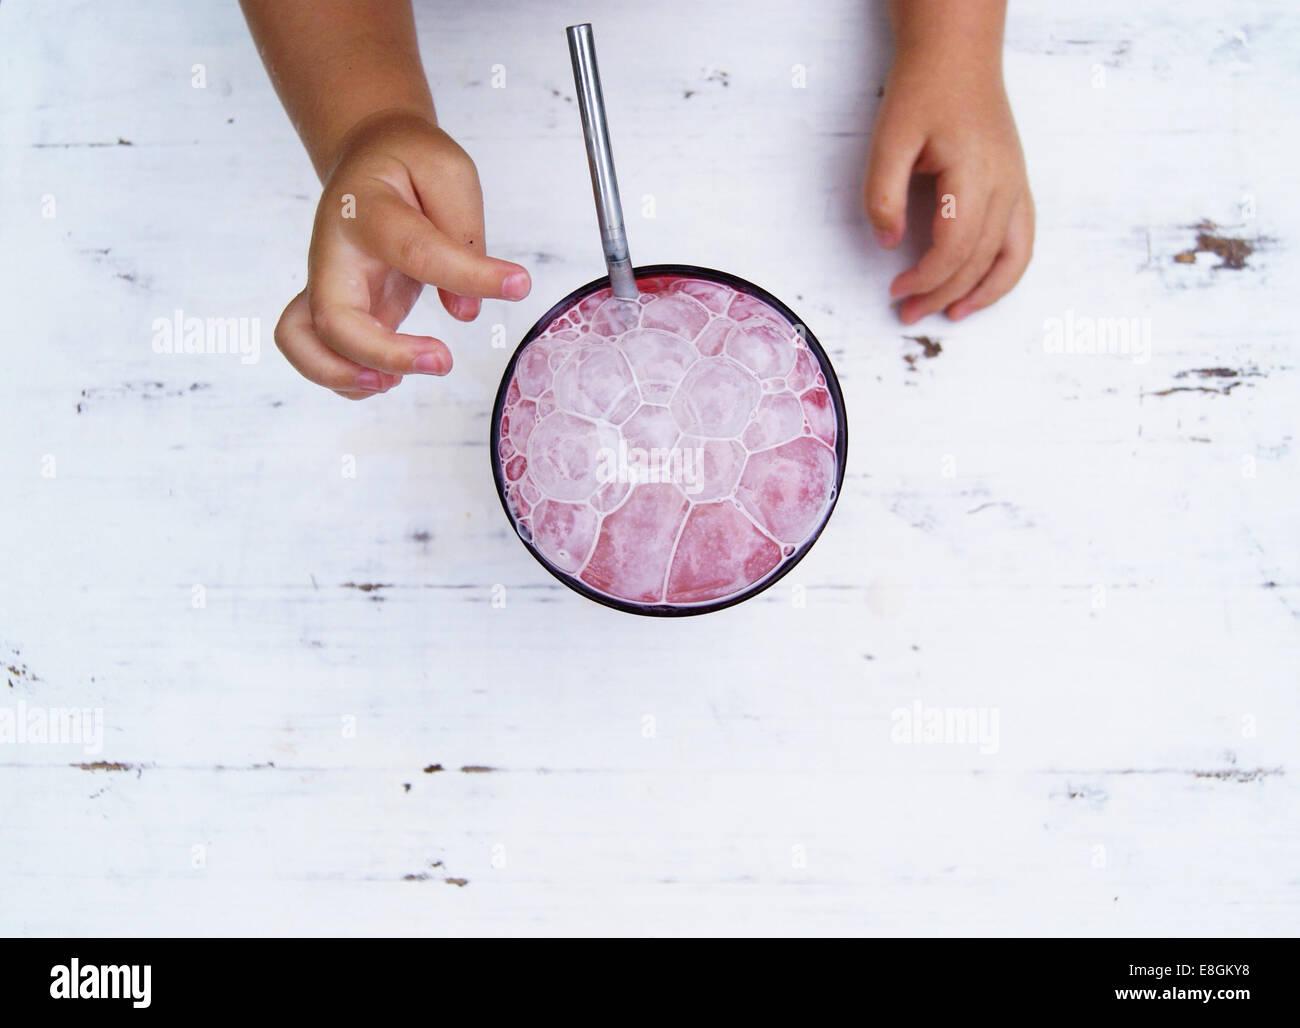 Les mains de l'enfant pour atteindre le strawberry milkshake avec bulles Photo Stock